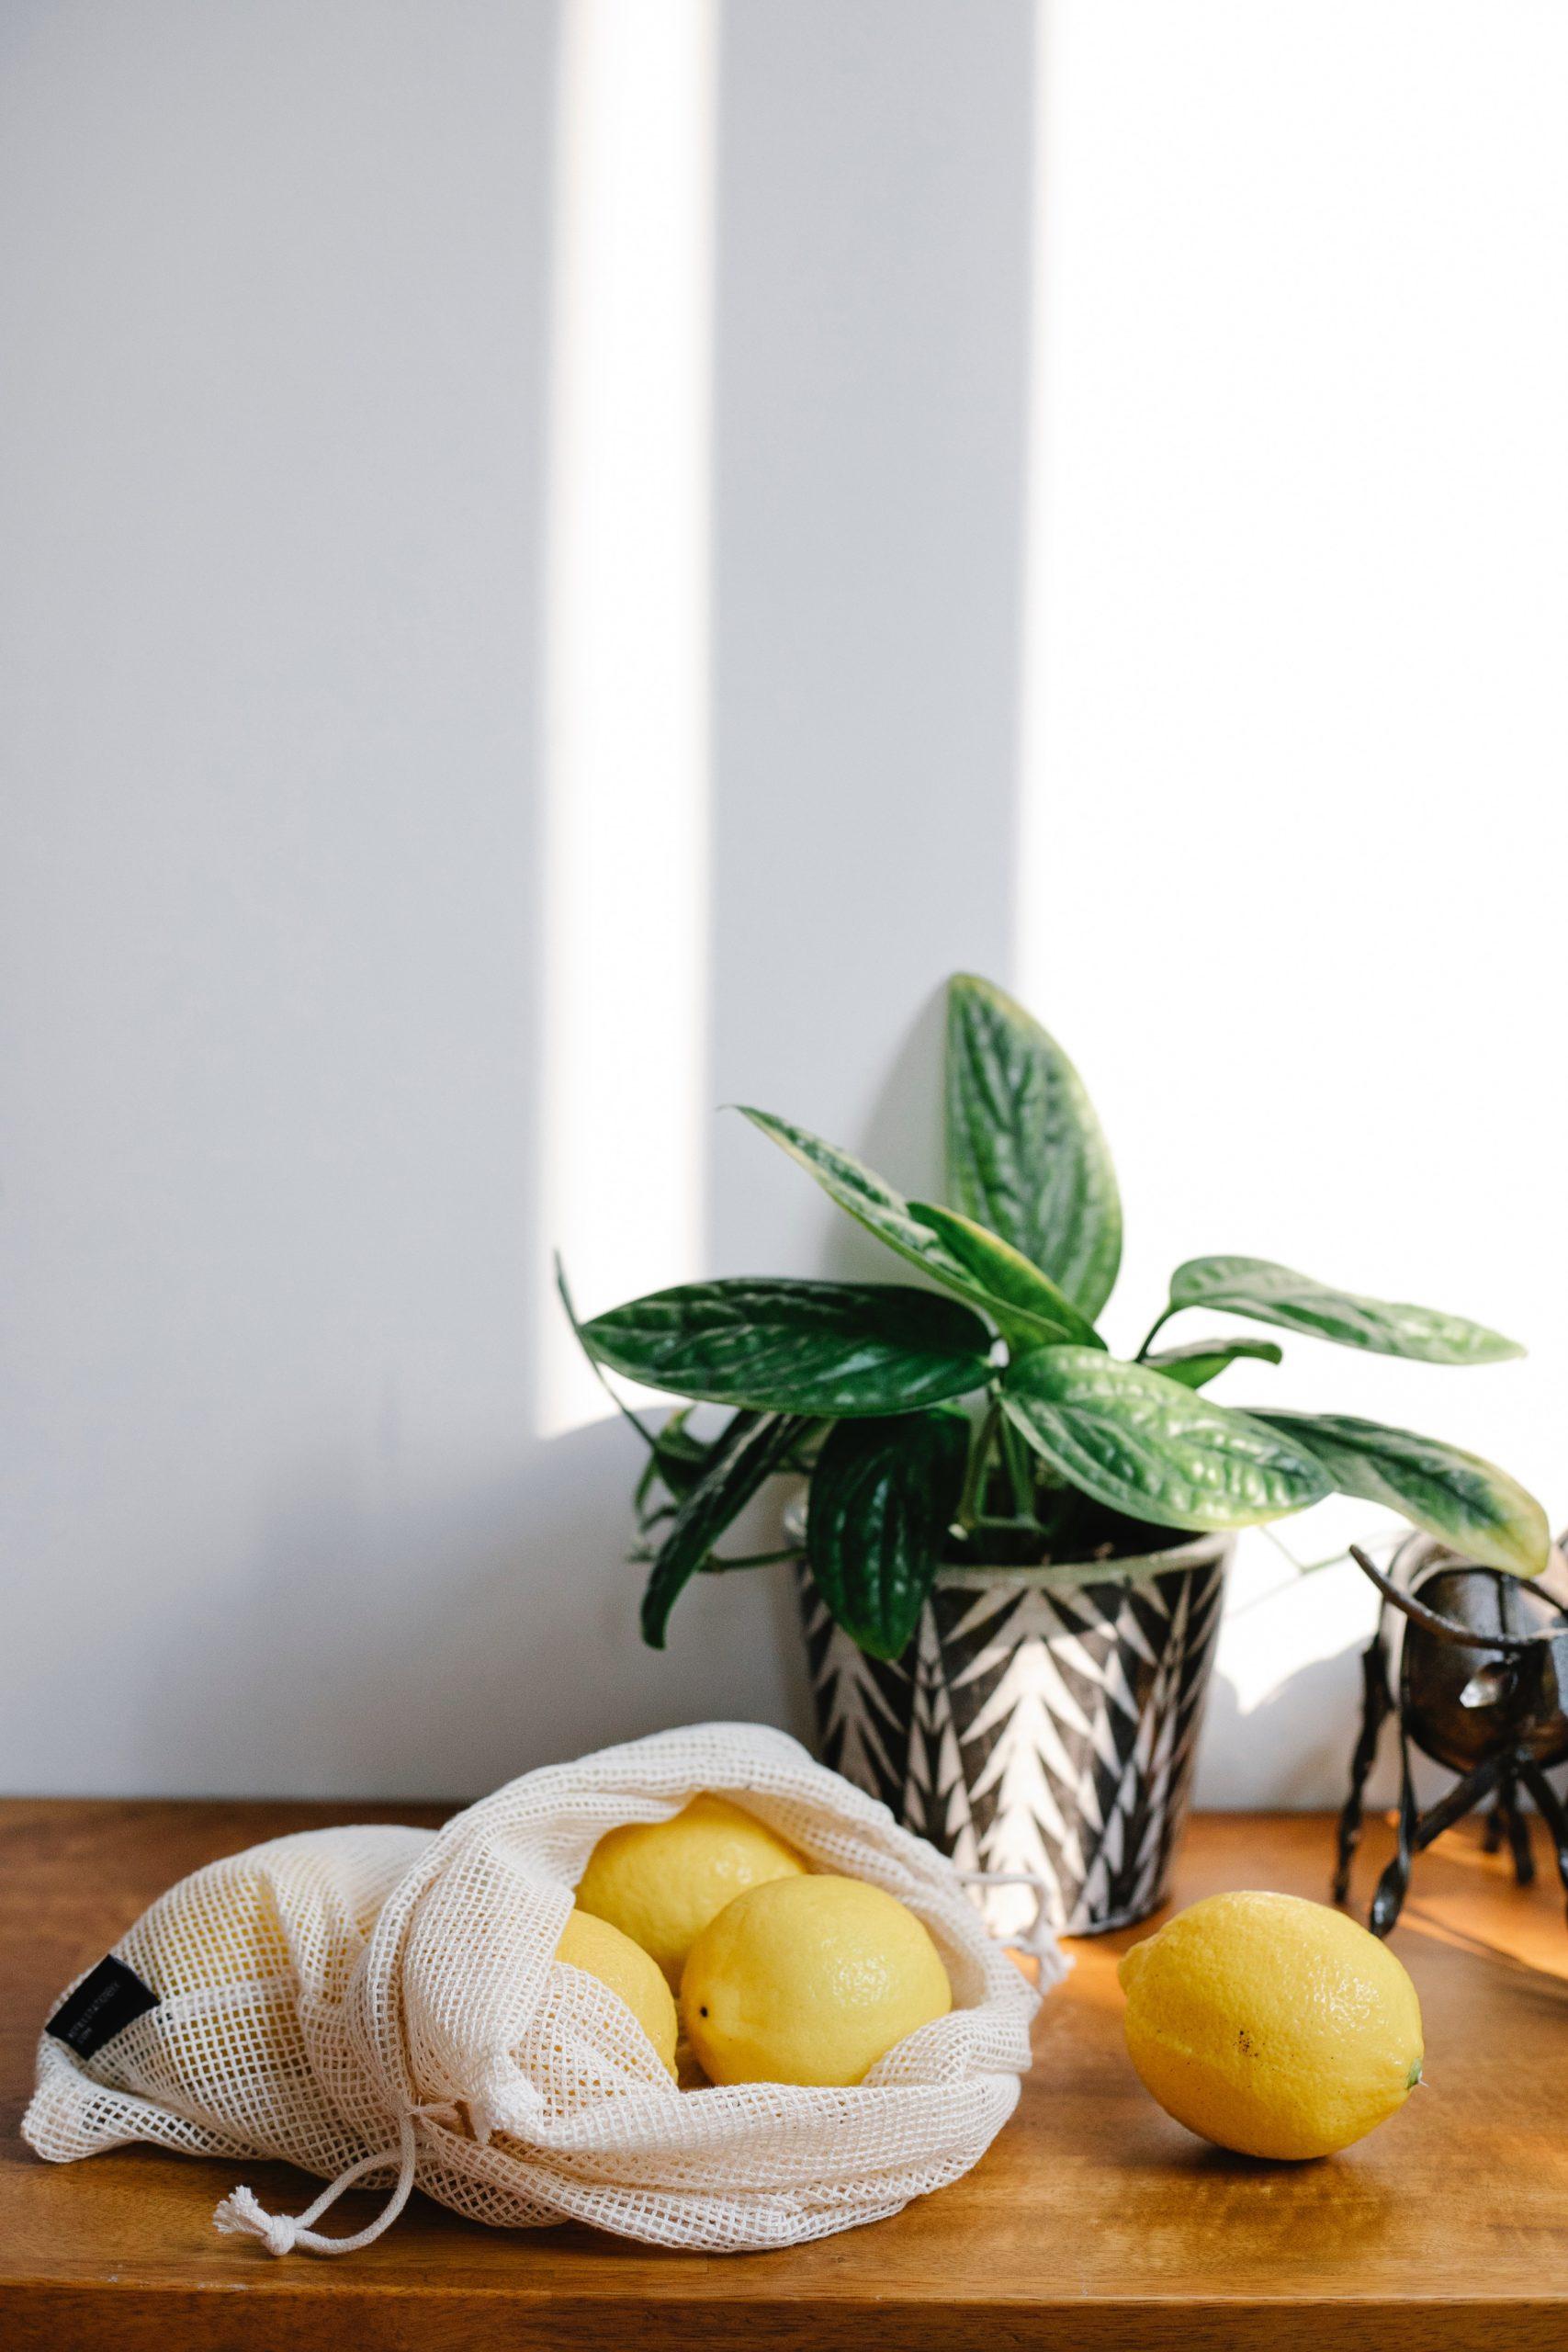 reusable produce bag with lemons